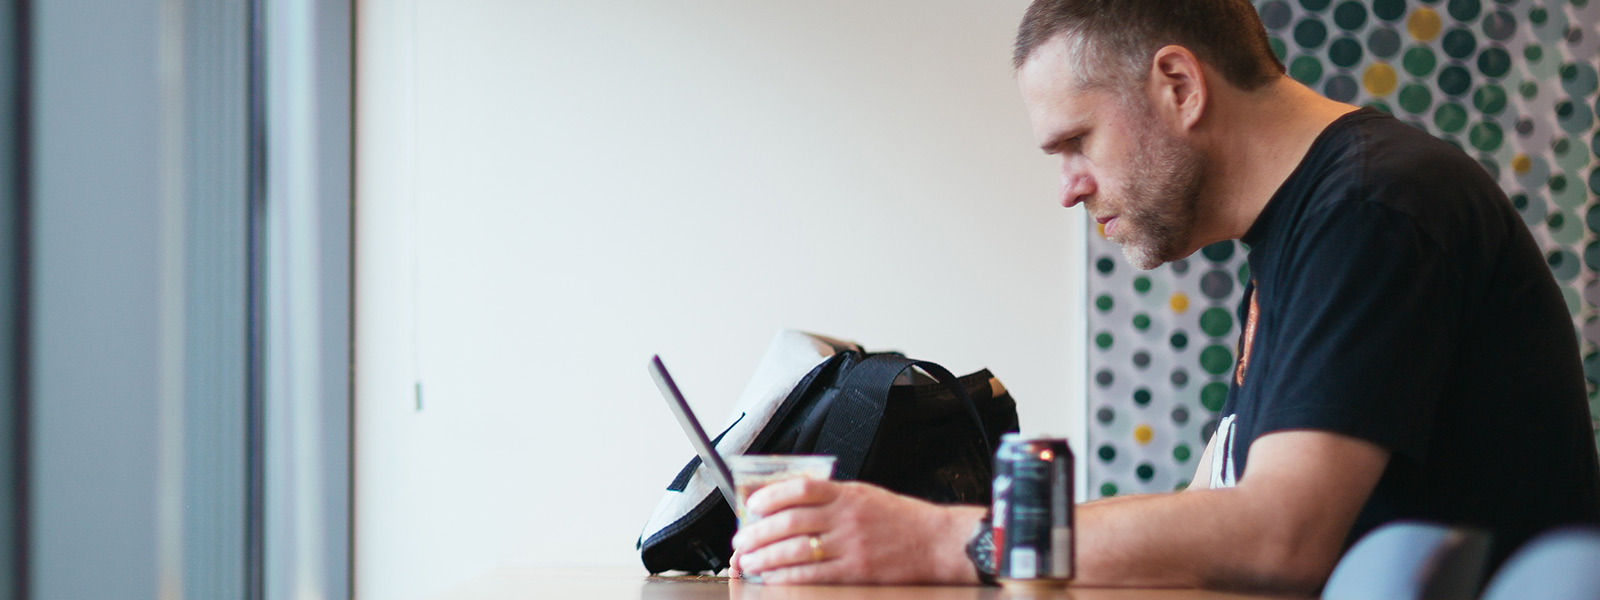 En mand, der sidder ved et skrivebord og arbejder på sin Windows 10-computer